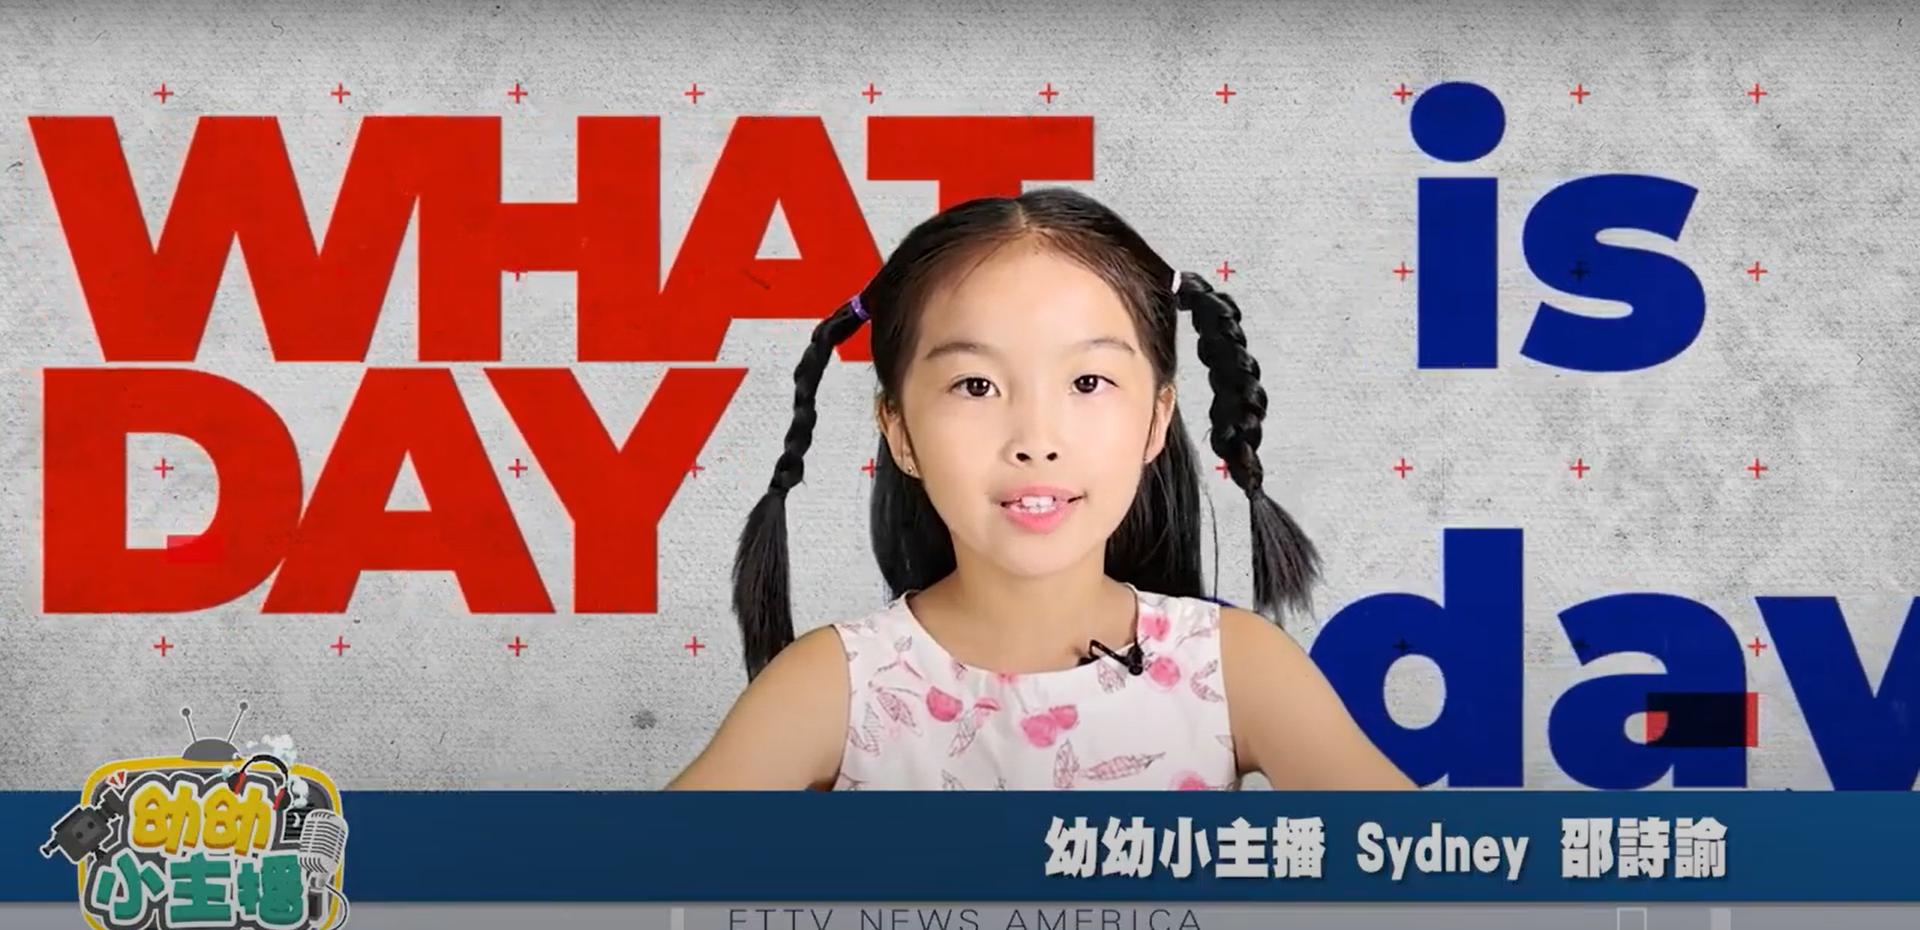 小主播Sydney:8月29日「國家檸檬汁日」富含維他命C幫助減肥+美白